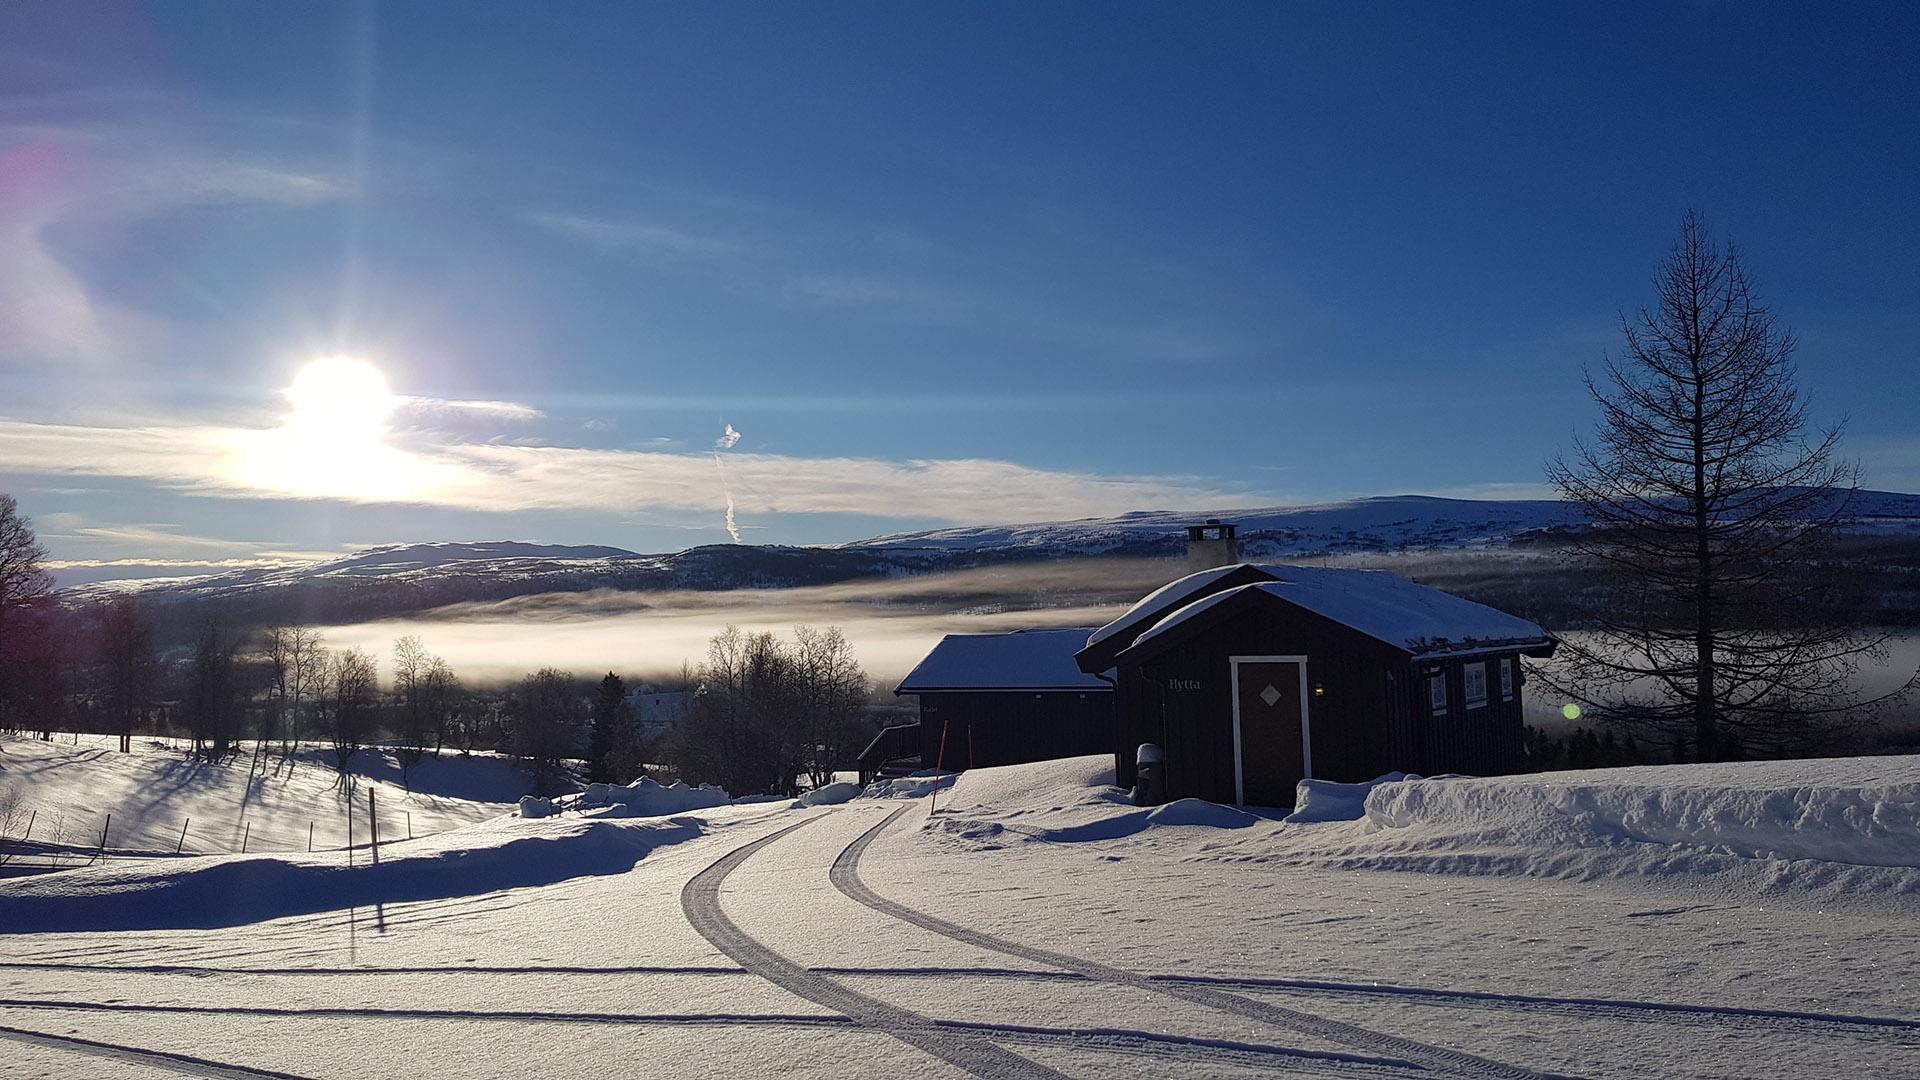 2_NordpaaFjellhotell_7_winter_NordpaaFjellhotell